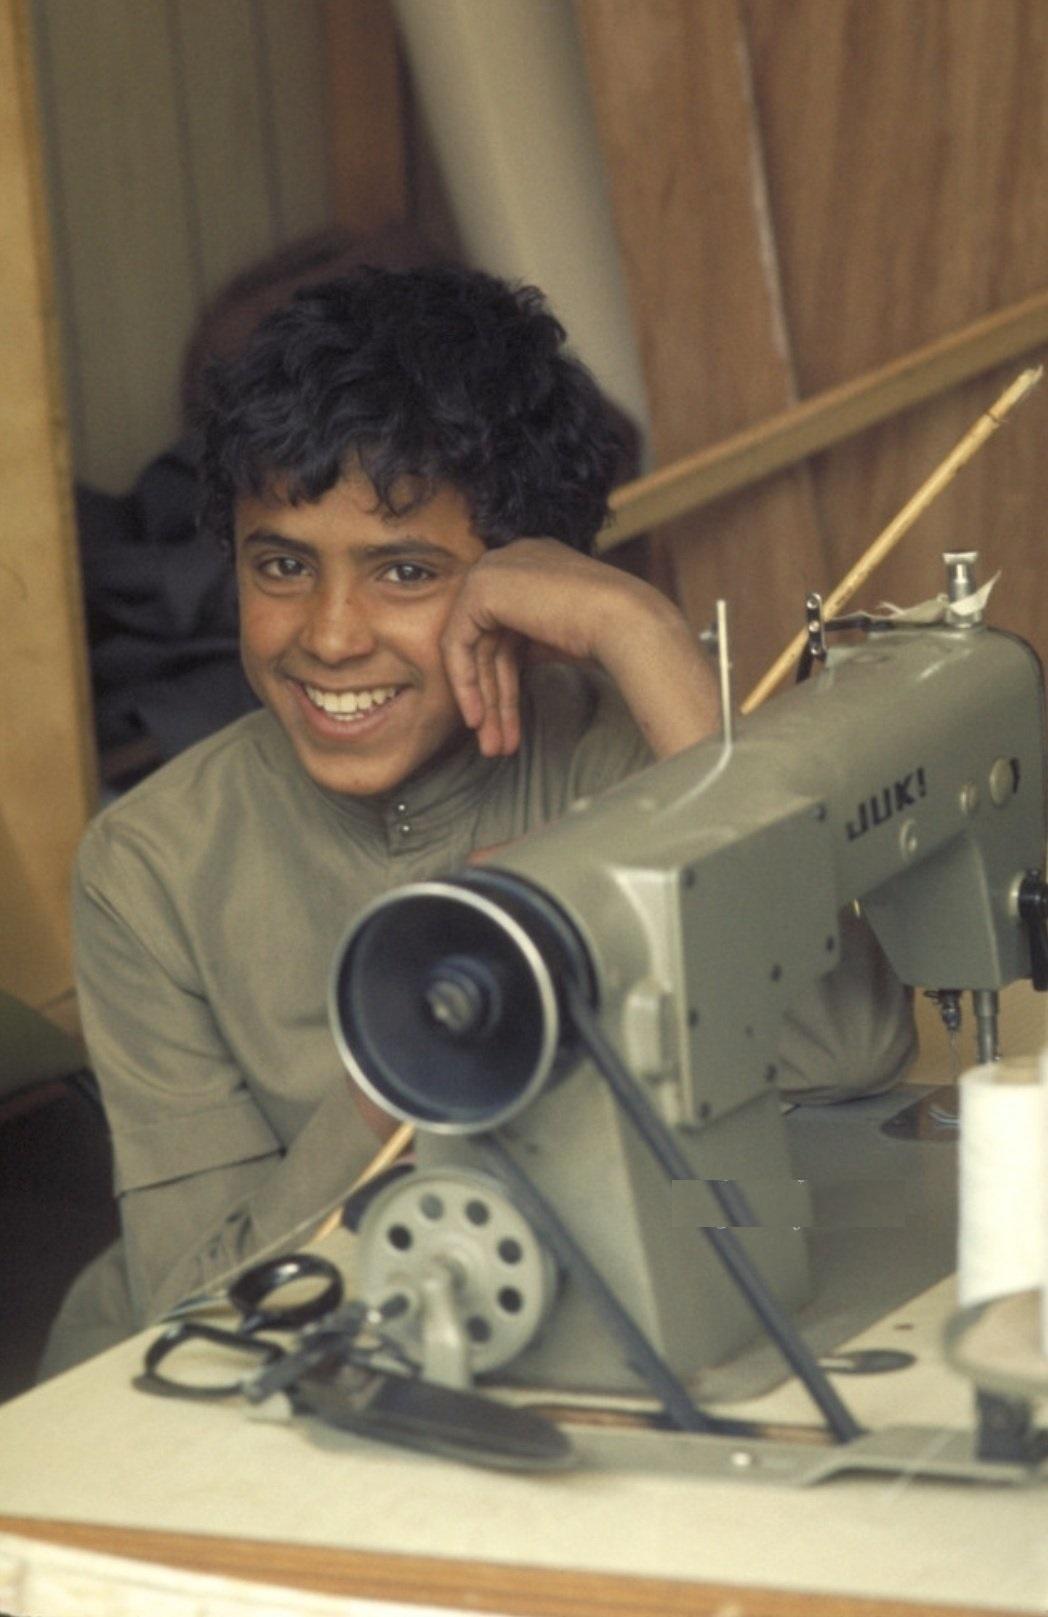 صورة مفعمة بالأمل لأحد طلاب معهد النور بالرياض قبل 43 عام